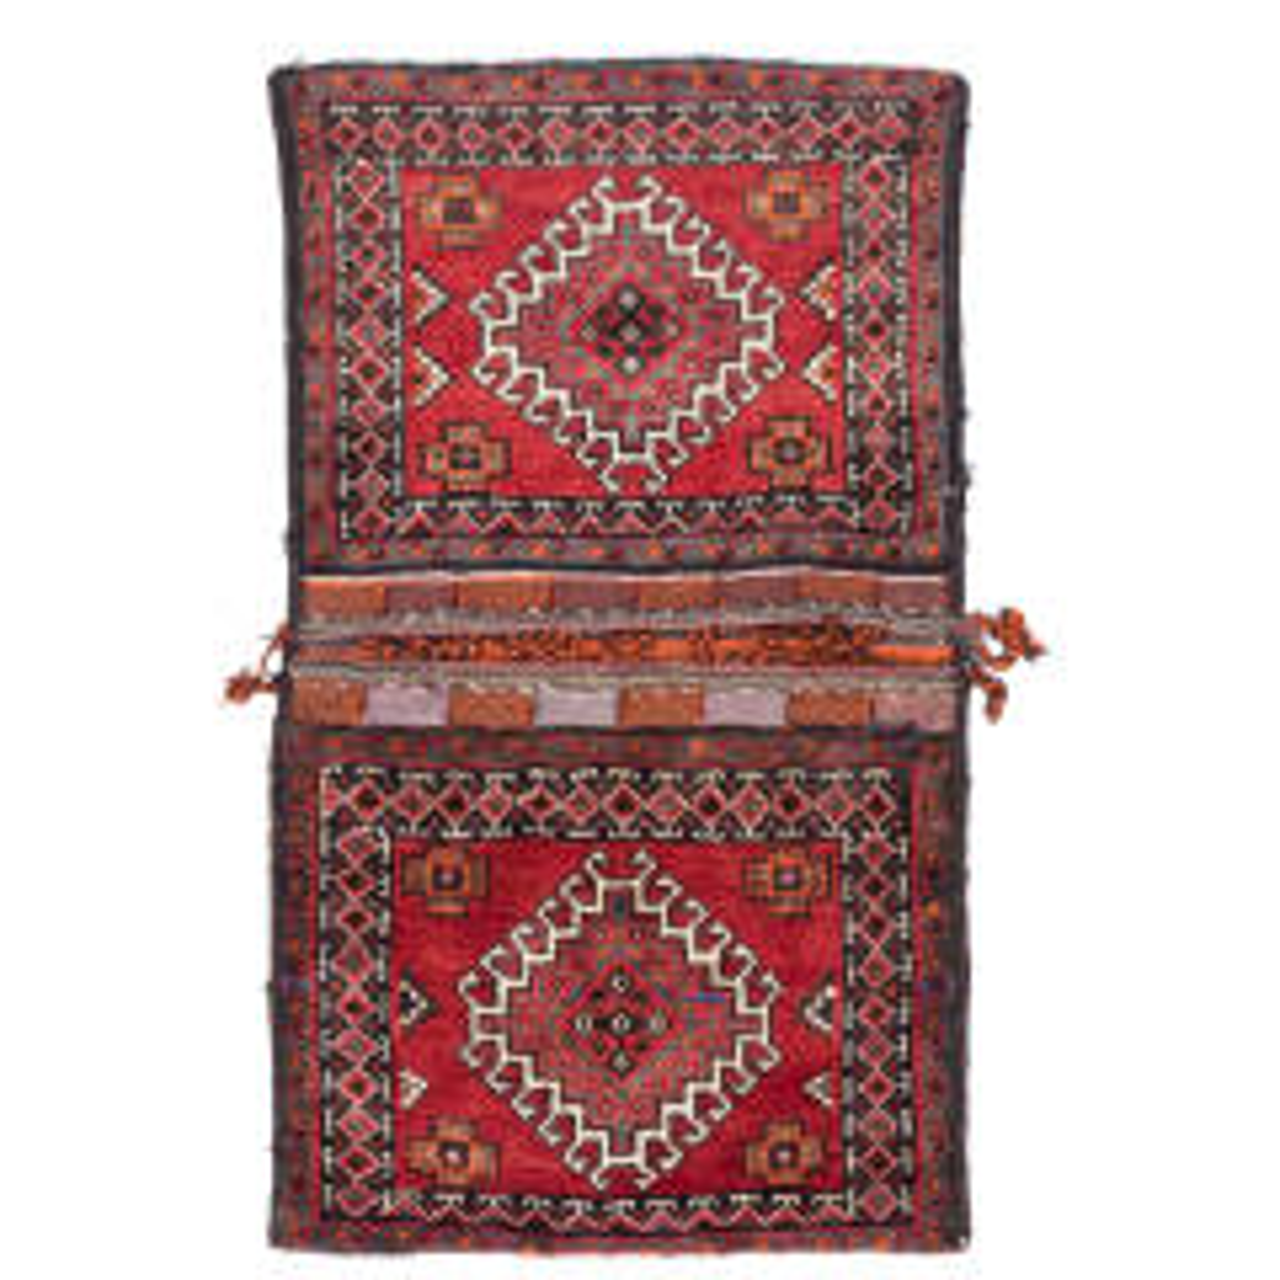 خورجین دستباف قدیمی سی پرشیا کد 169001